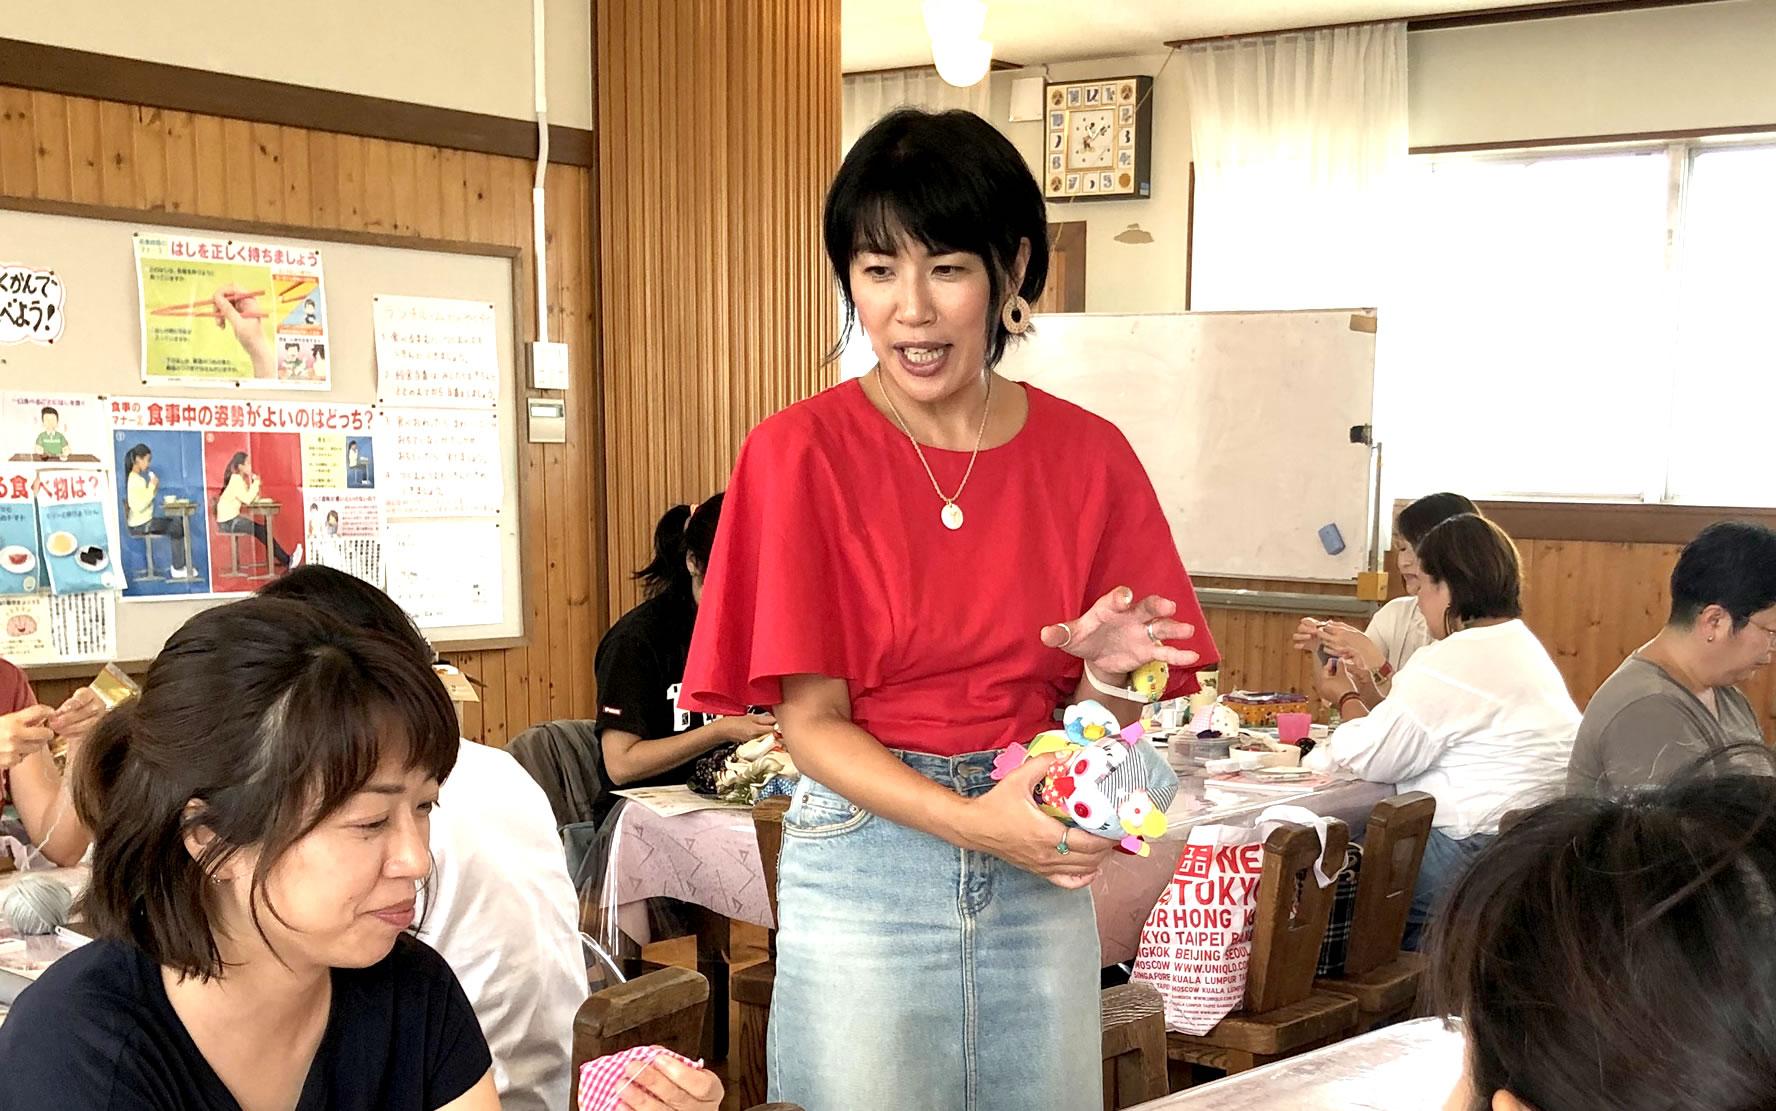 奥山佳恵さんが語る ハッピートイズで見つけた しあわせのつながり【後編】